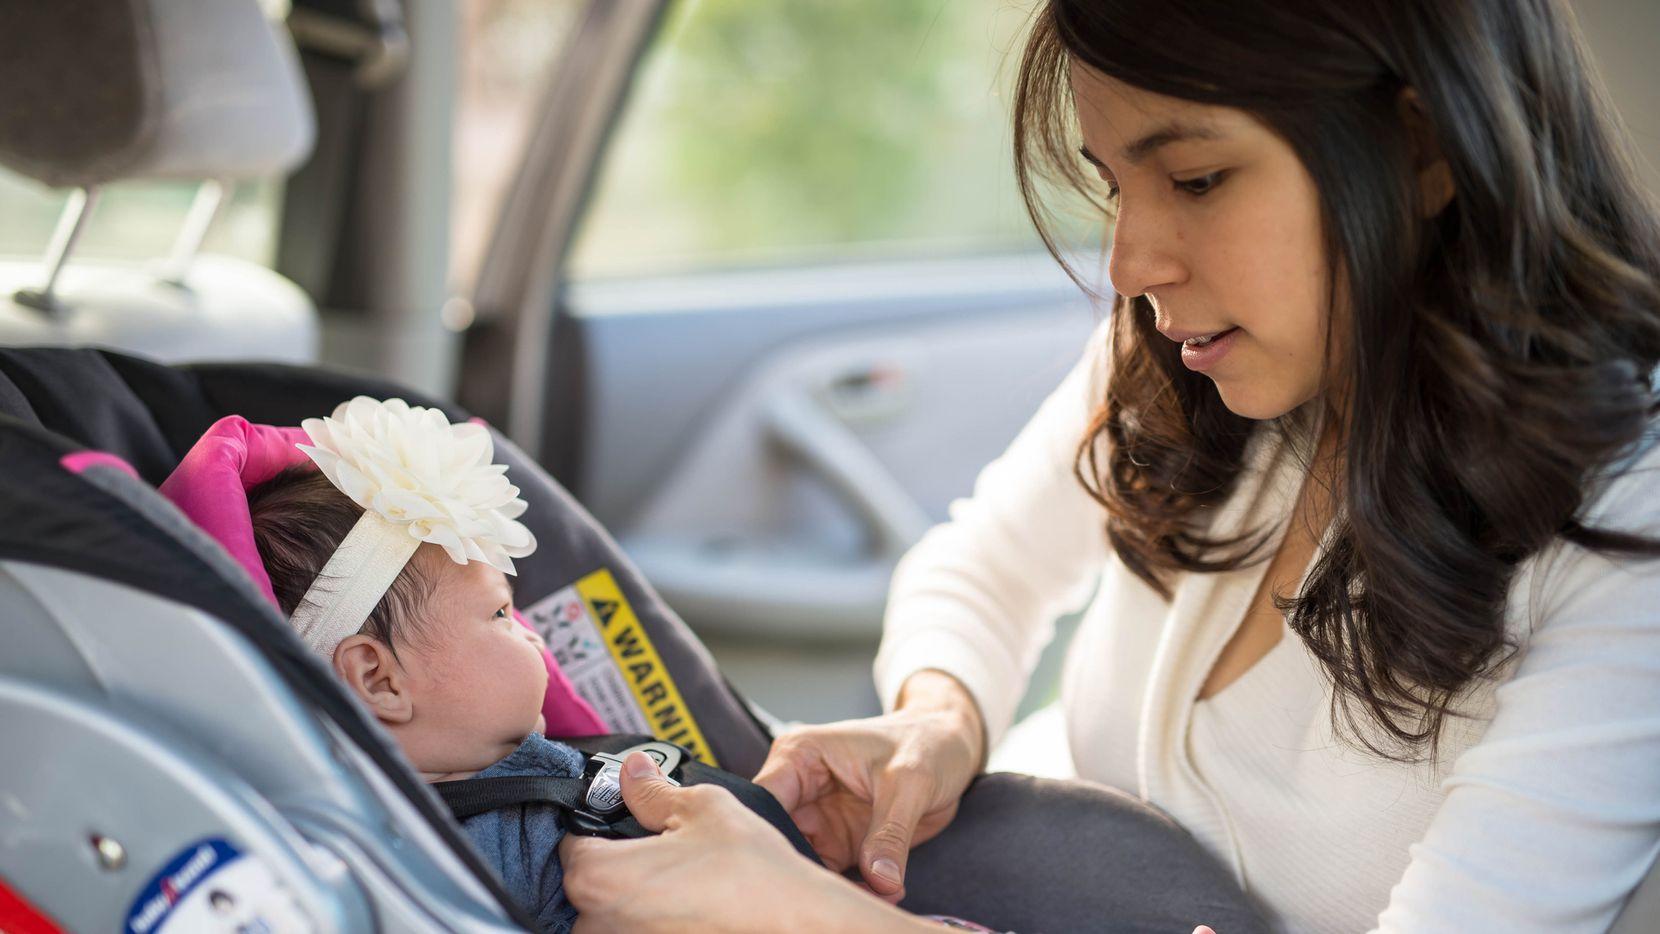 Target tendrá un programa de intercambio de asientos de bebé para el auto, a partir de septiembre.